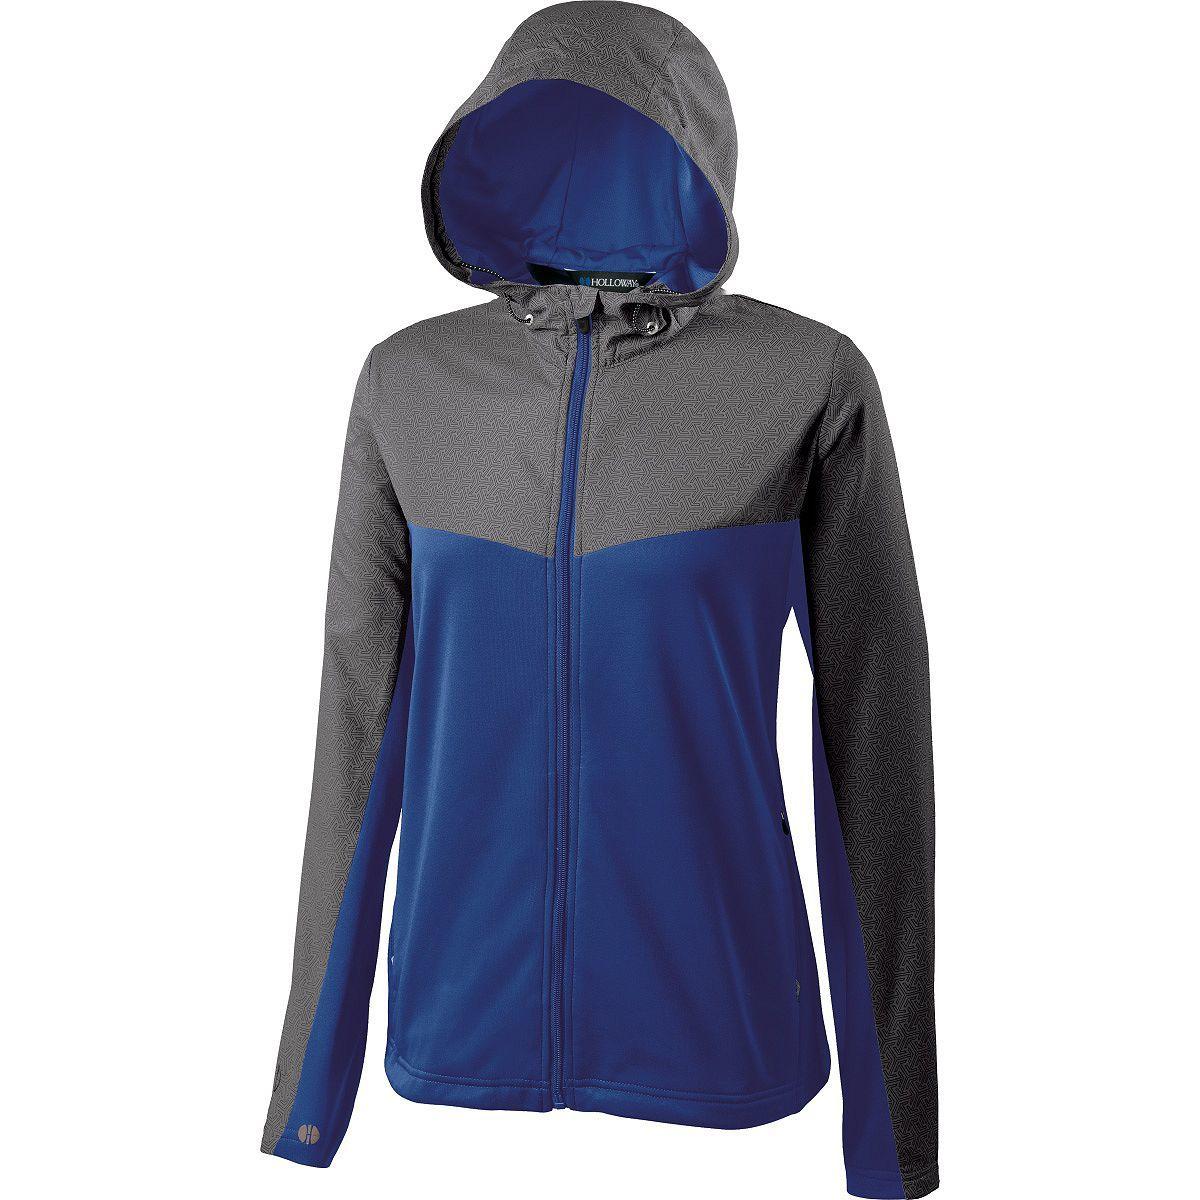 Ladies Crossover Jacket - GREY PRINT/ROYAL